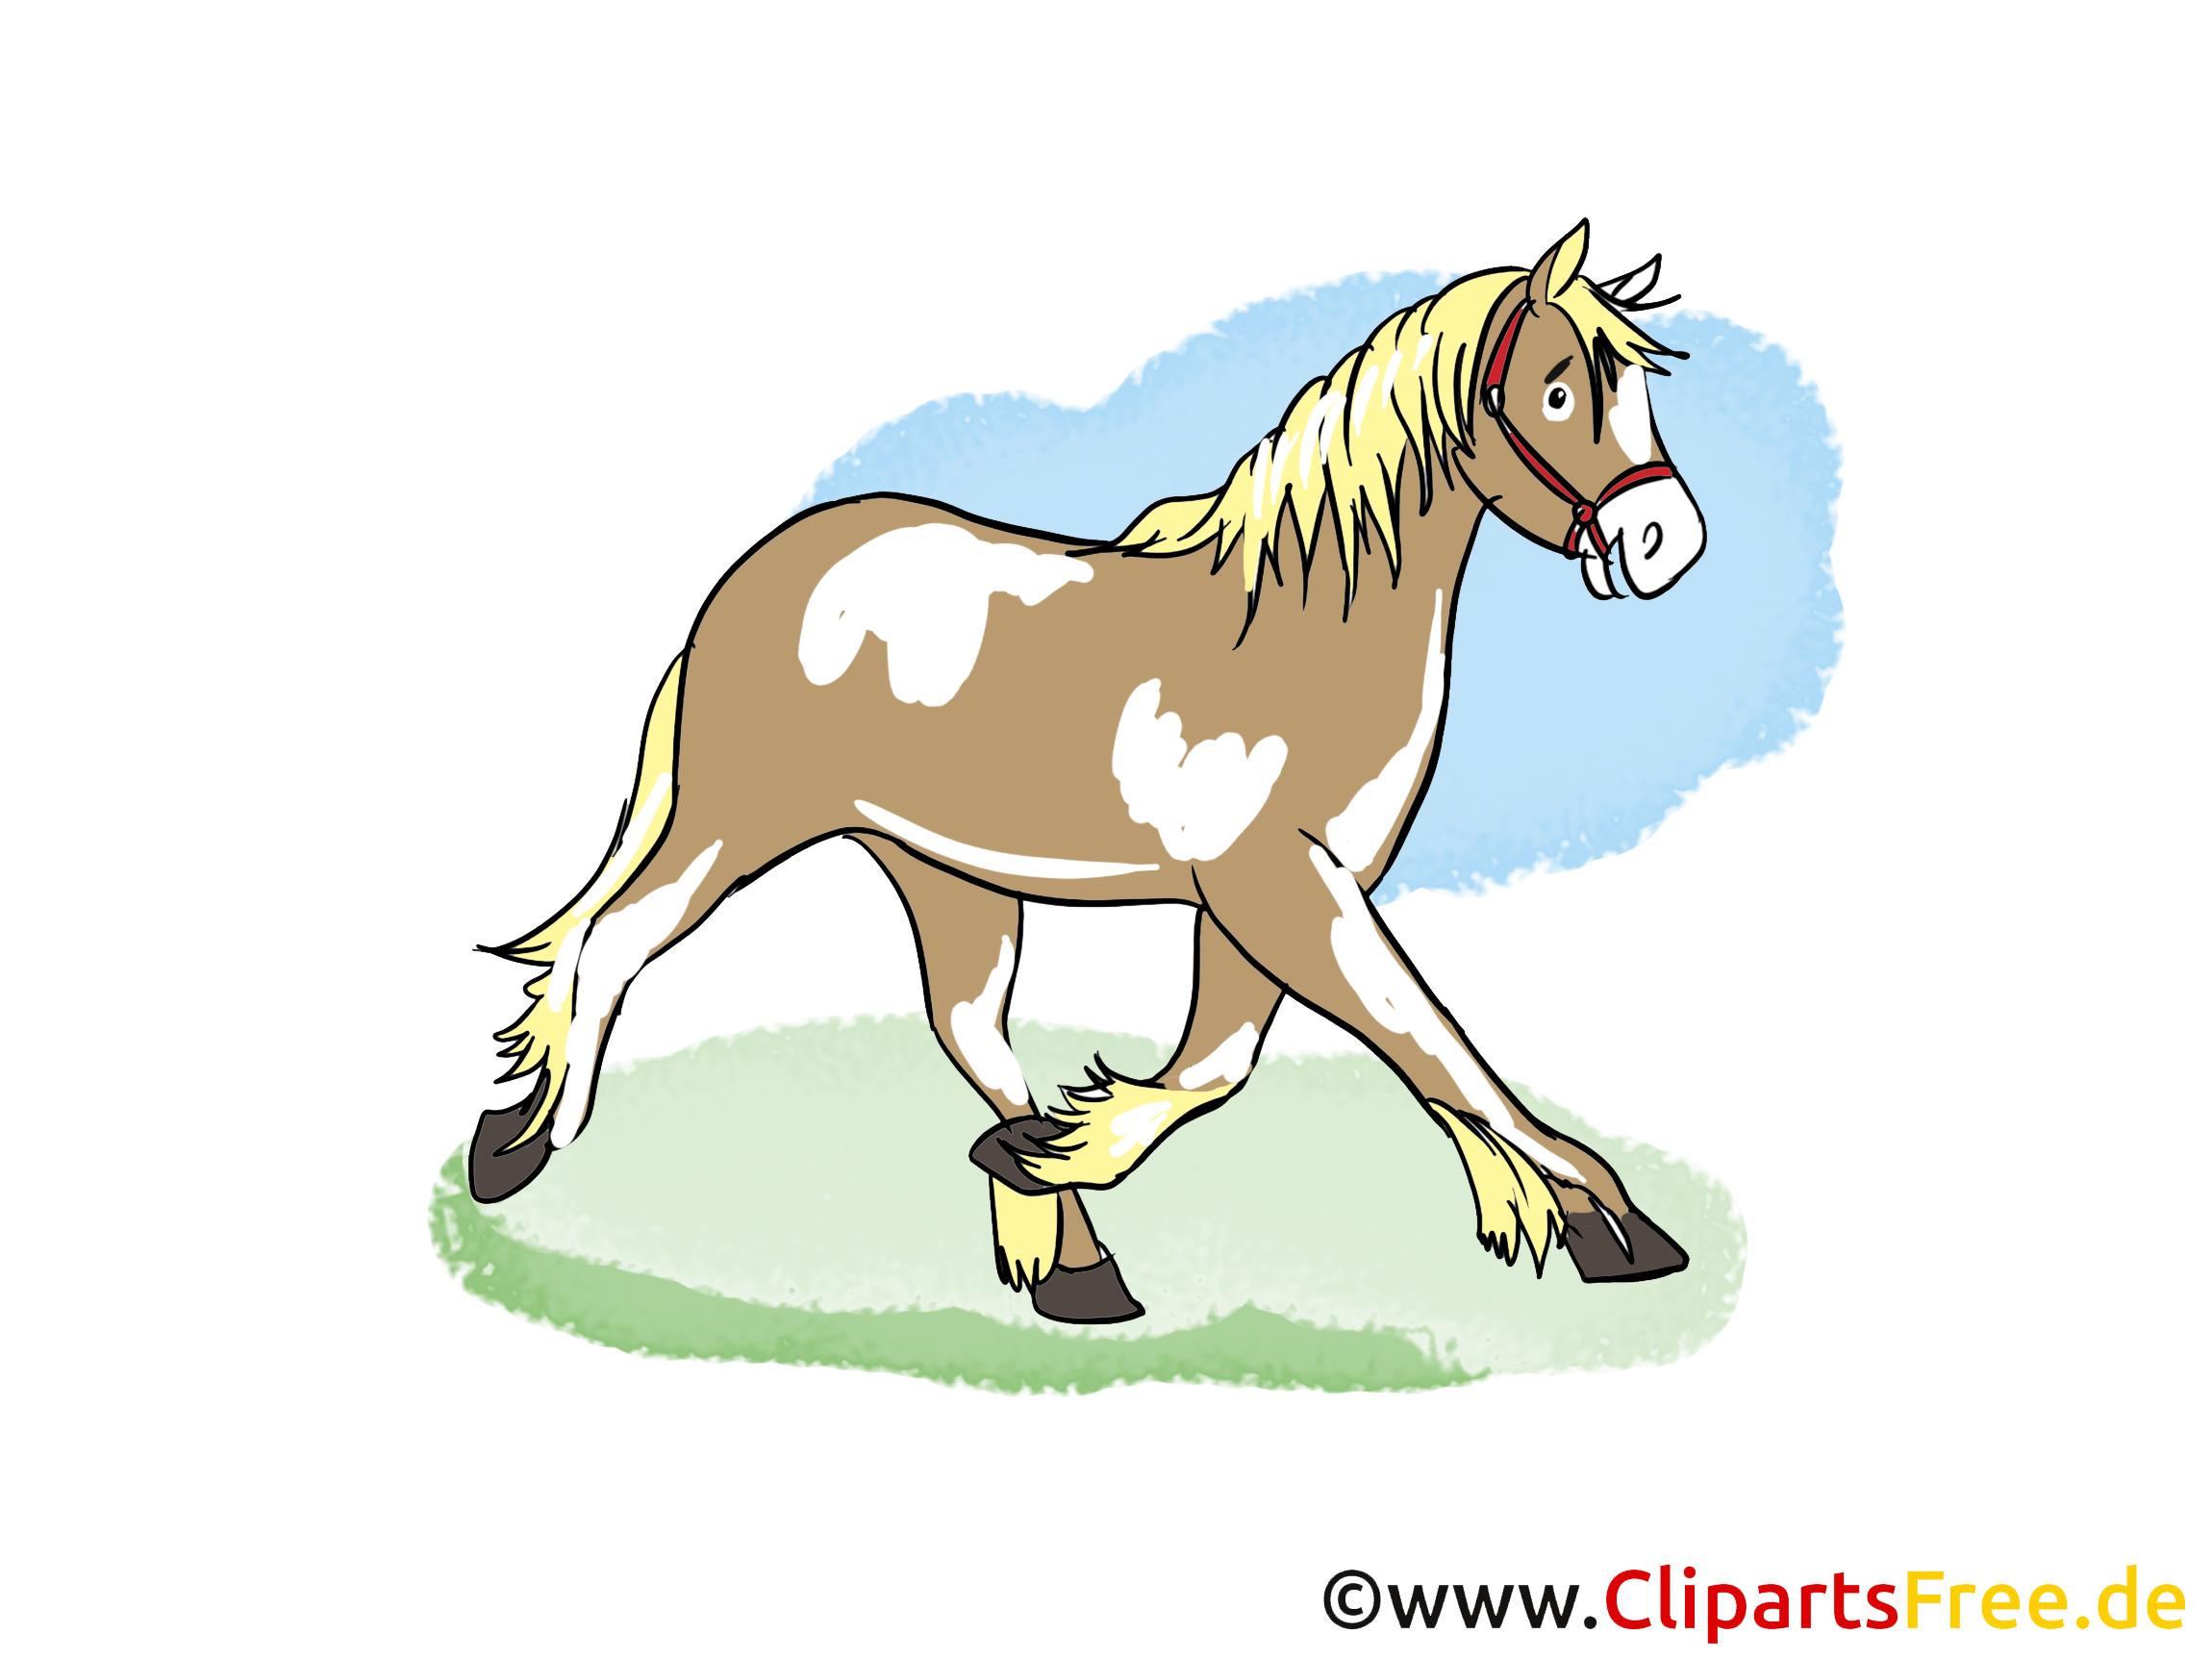 Pferde Bilder, Cliparts, Cartoons, Grafiken, Illustrationen, Gifs.